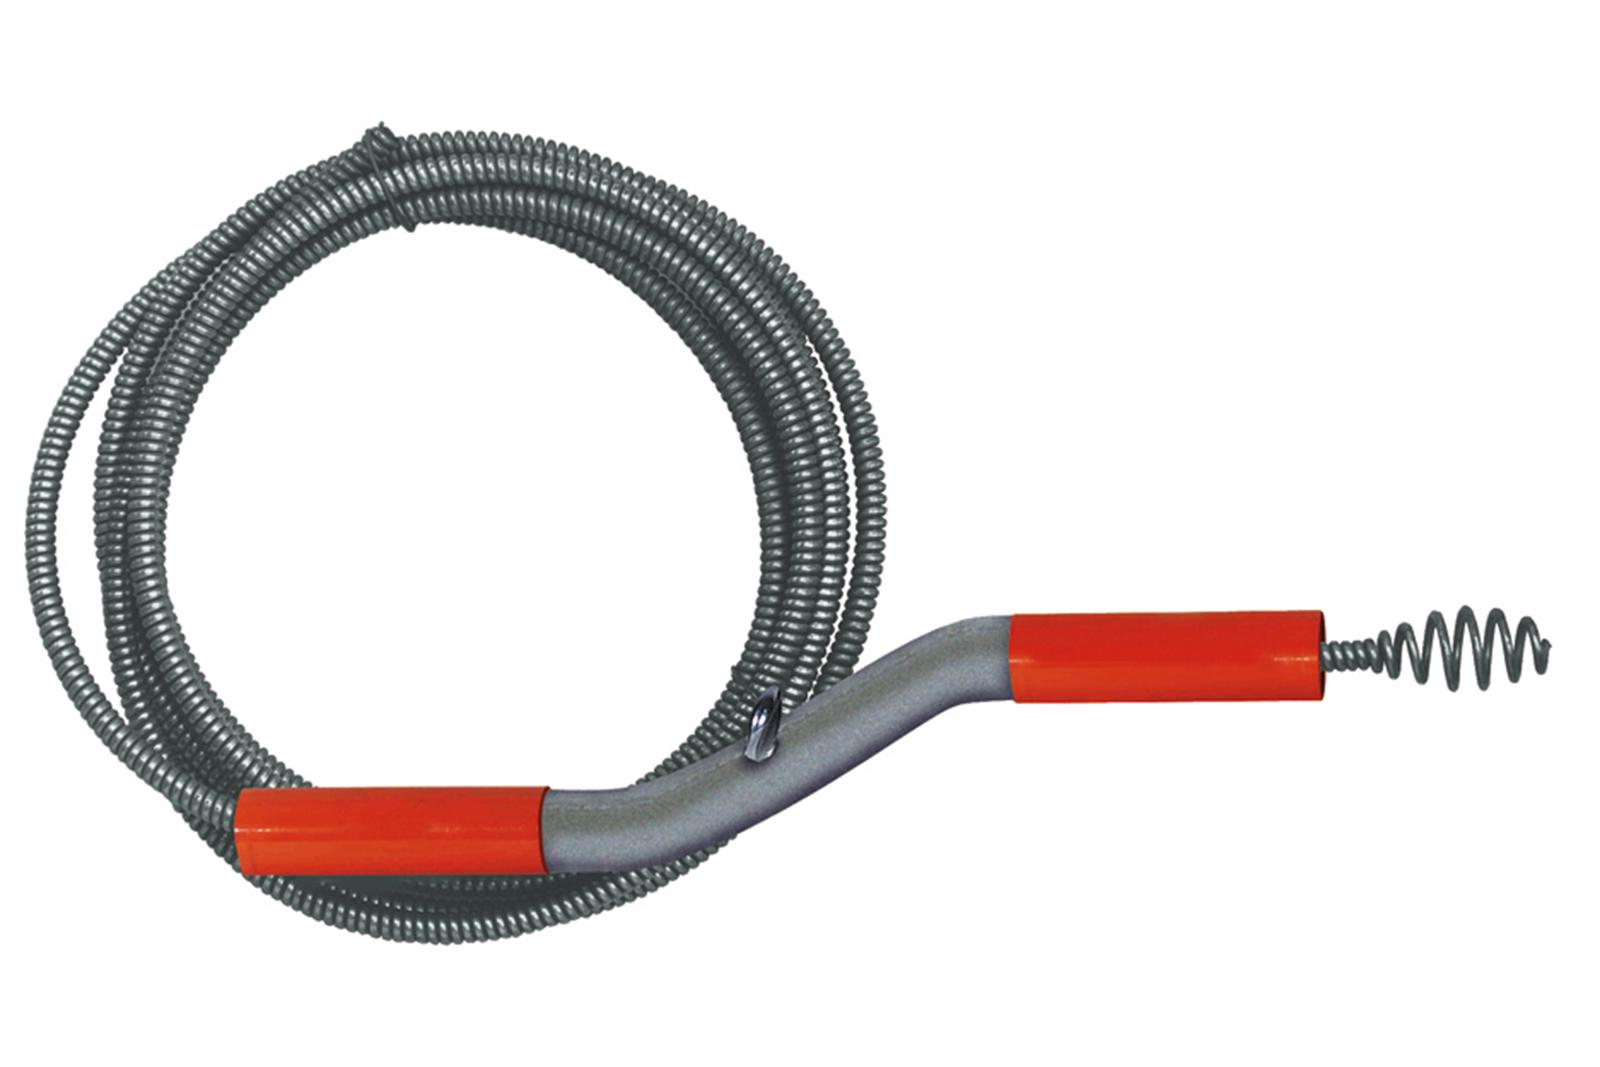 Купить Трос для прочистки General pipe 50fl1-ddh